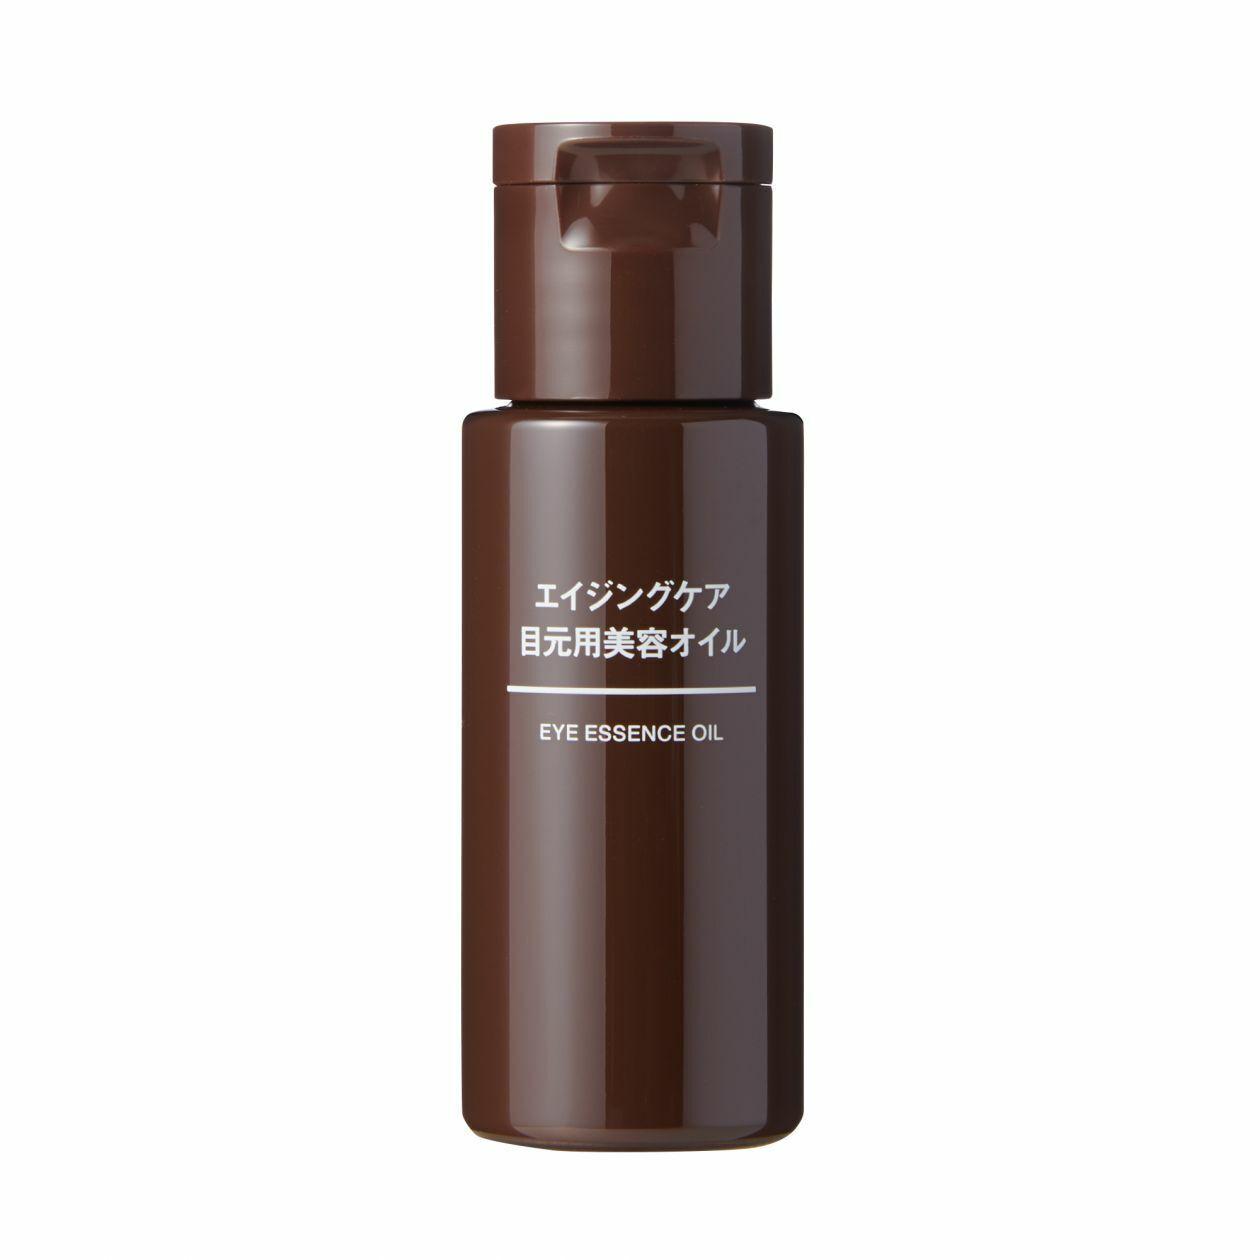 MUJI Aging Care Eye Essence Oil 30ml Beauty Oil Moisturizing